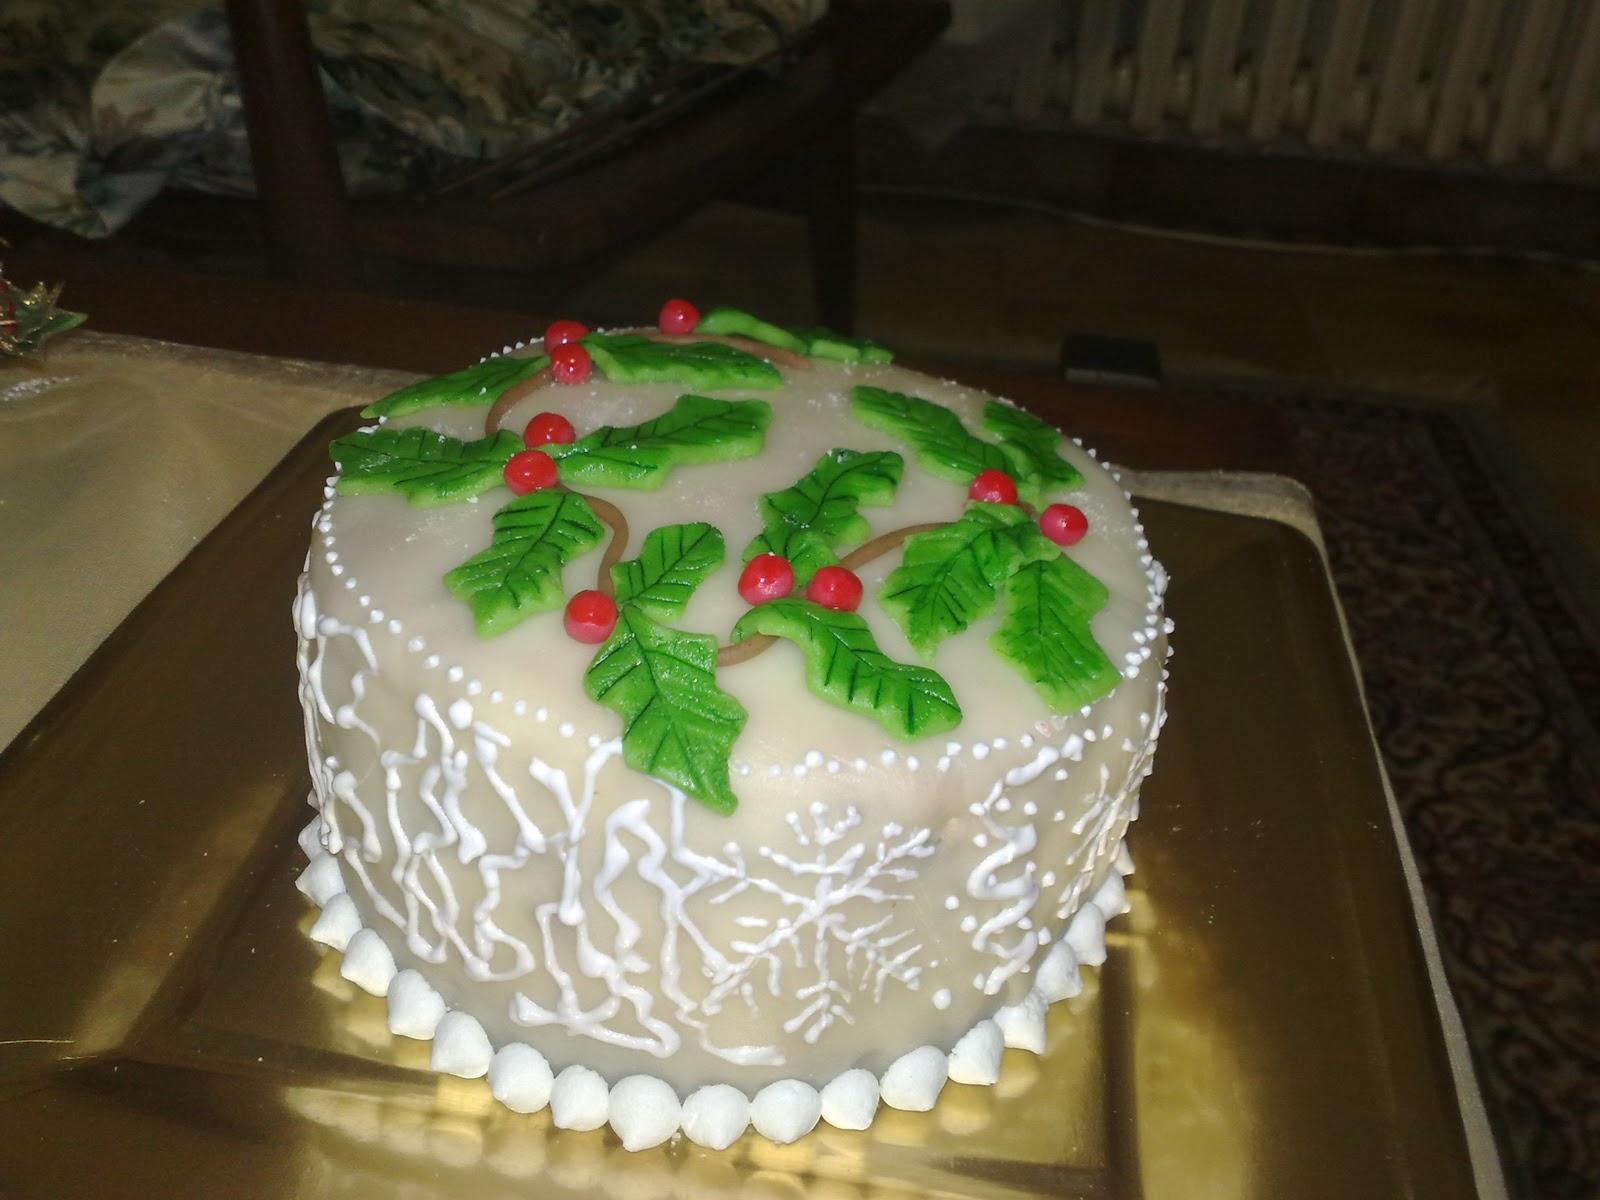 La rosa bulgara torta decorata per natale con marzapane e - Decorazioni torte natale ...